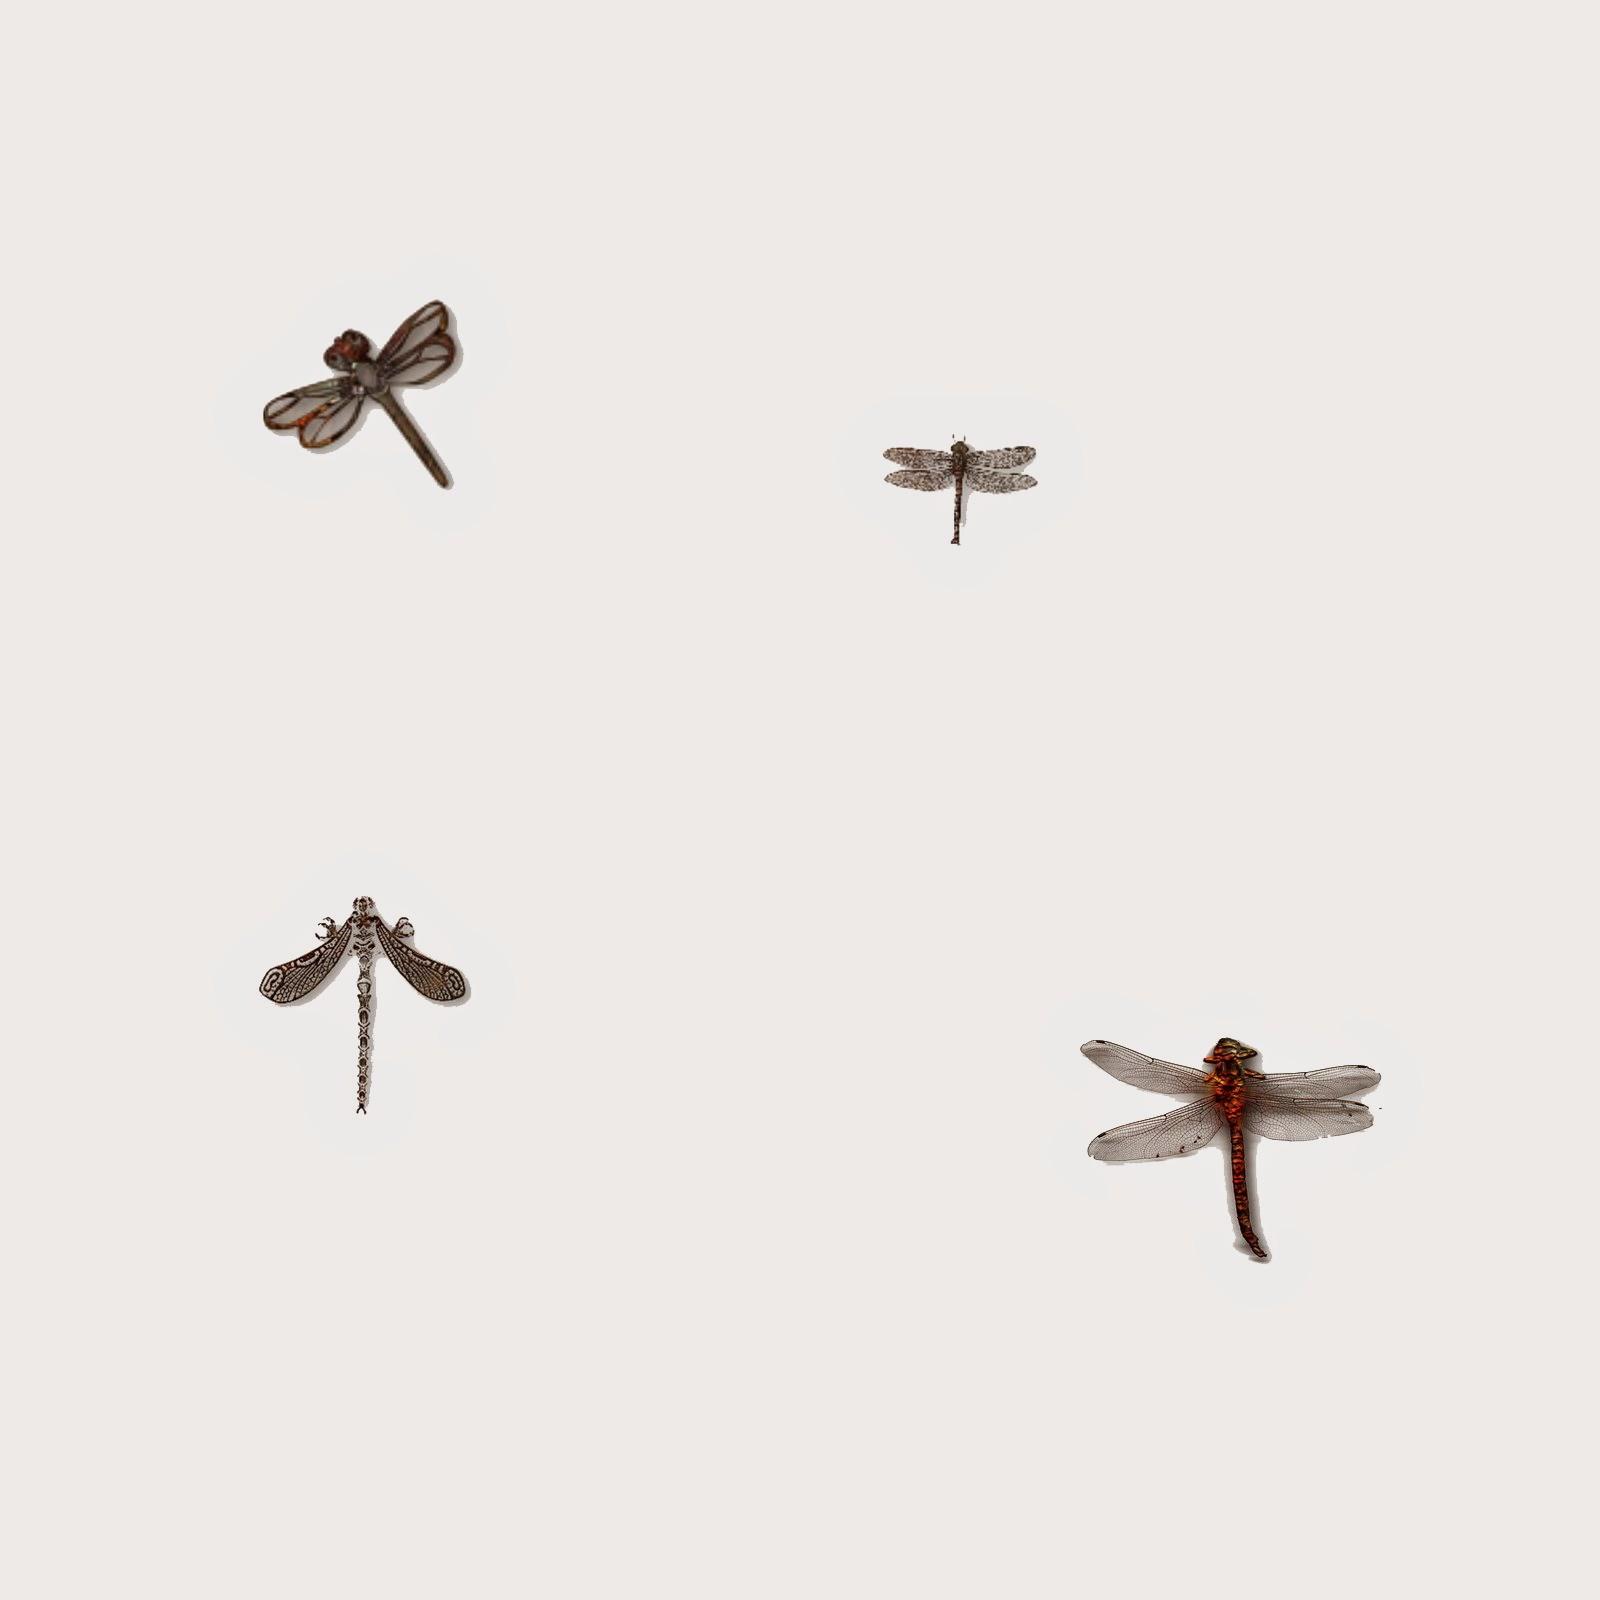 http://2.bp.blogspot.com/-TcRjUL2EMLQ/U_9yR-uA_6I/AAAAAAAAEEc/wefMaNgt6jI/s1600/dragonflies.jpg